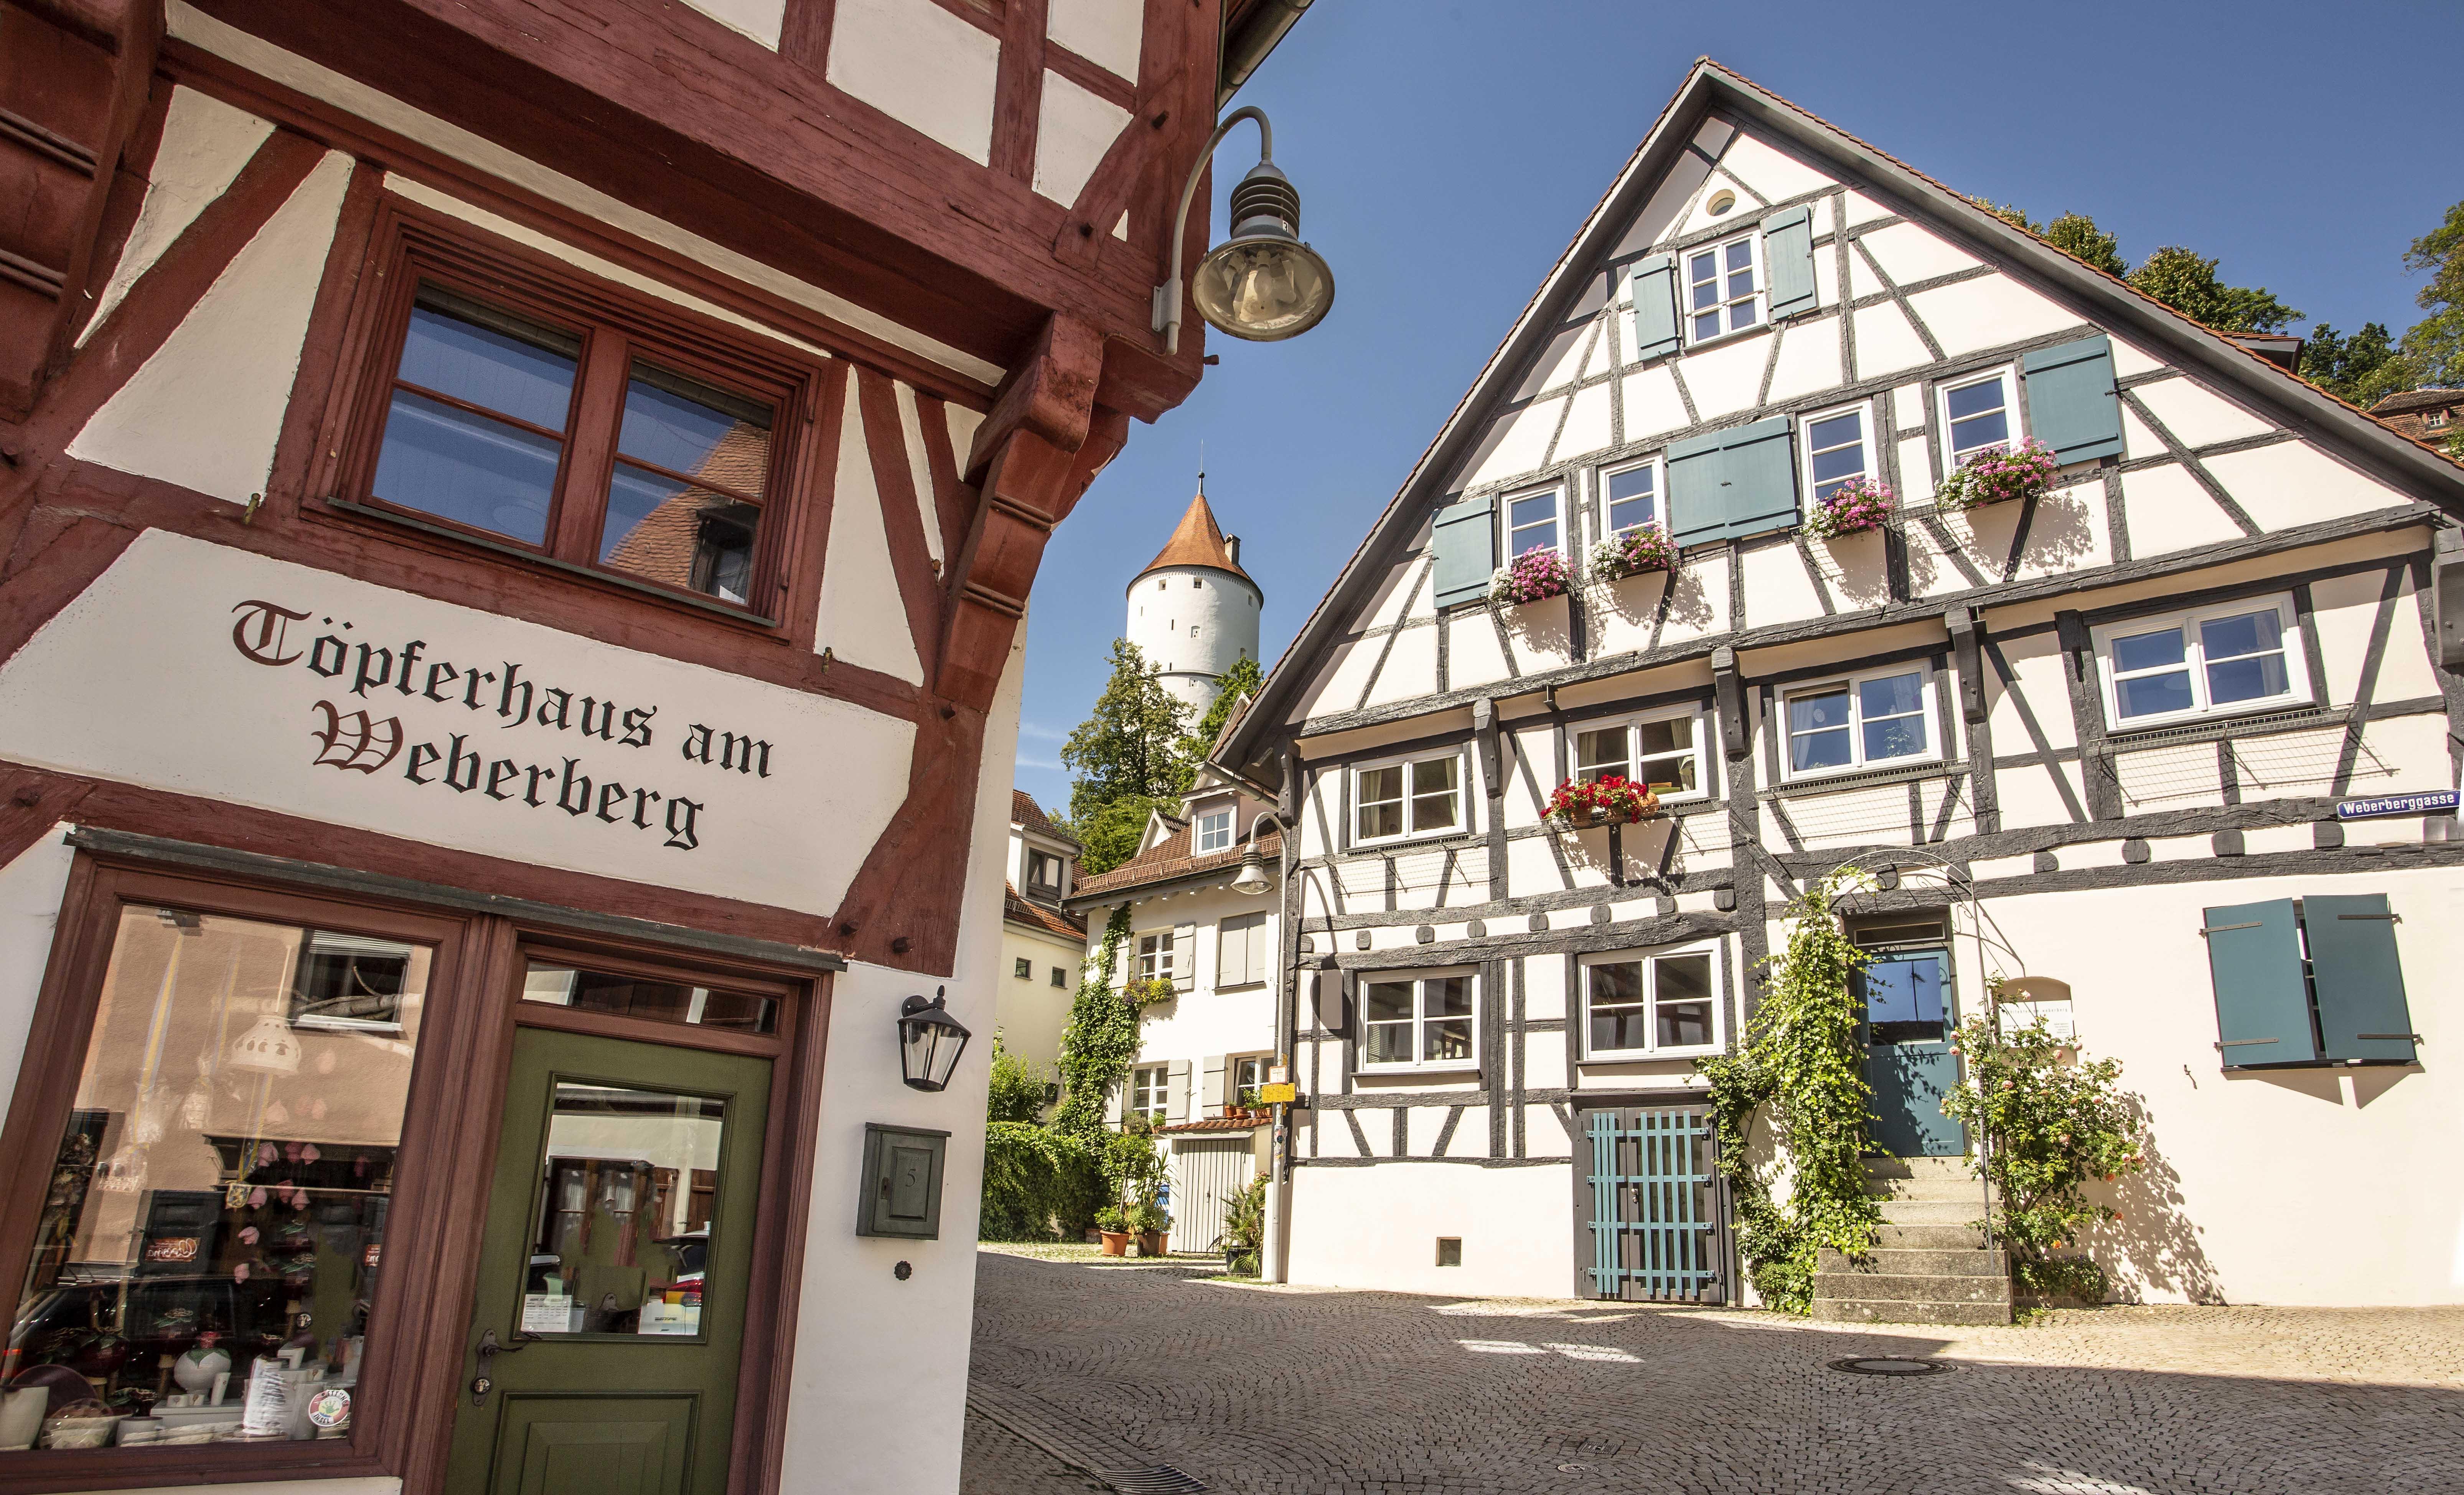 Weberberg mit Weissem Turm, Biberach an der Riss